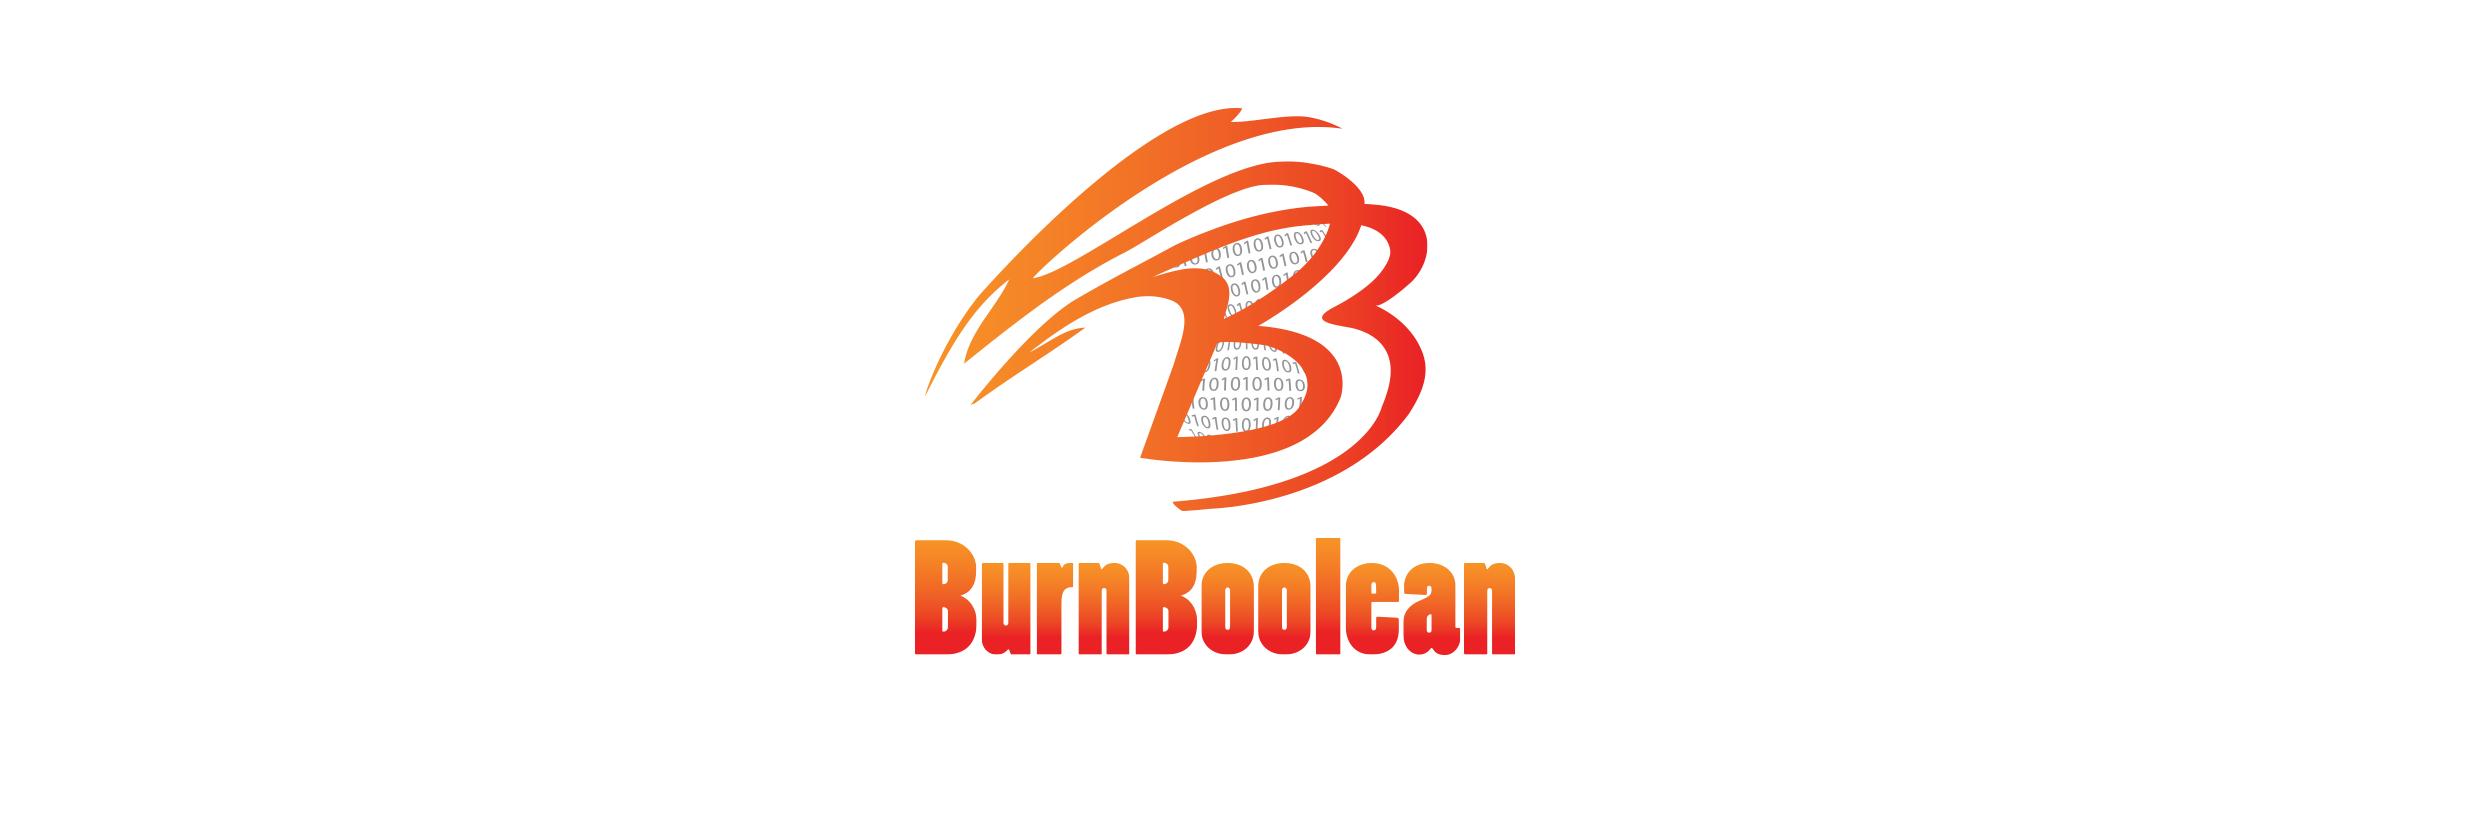 Burnboolean logo